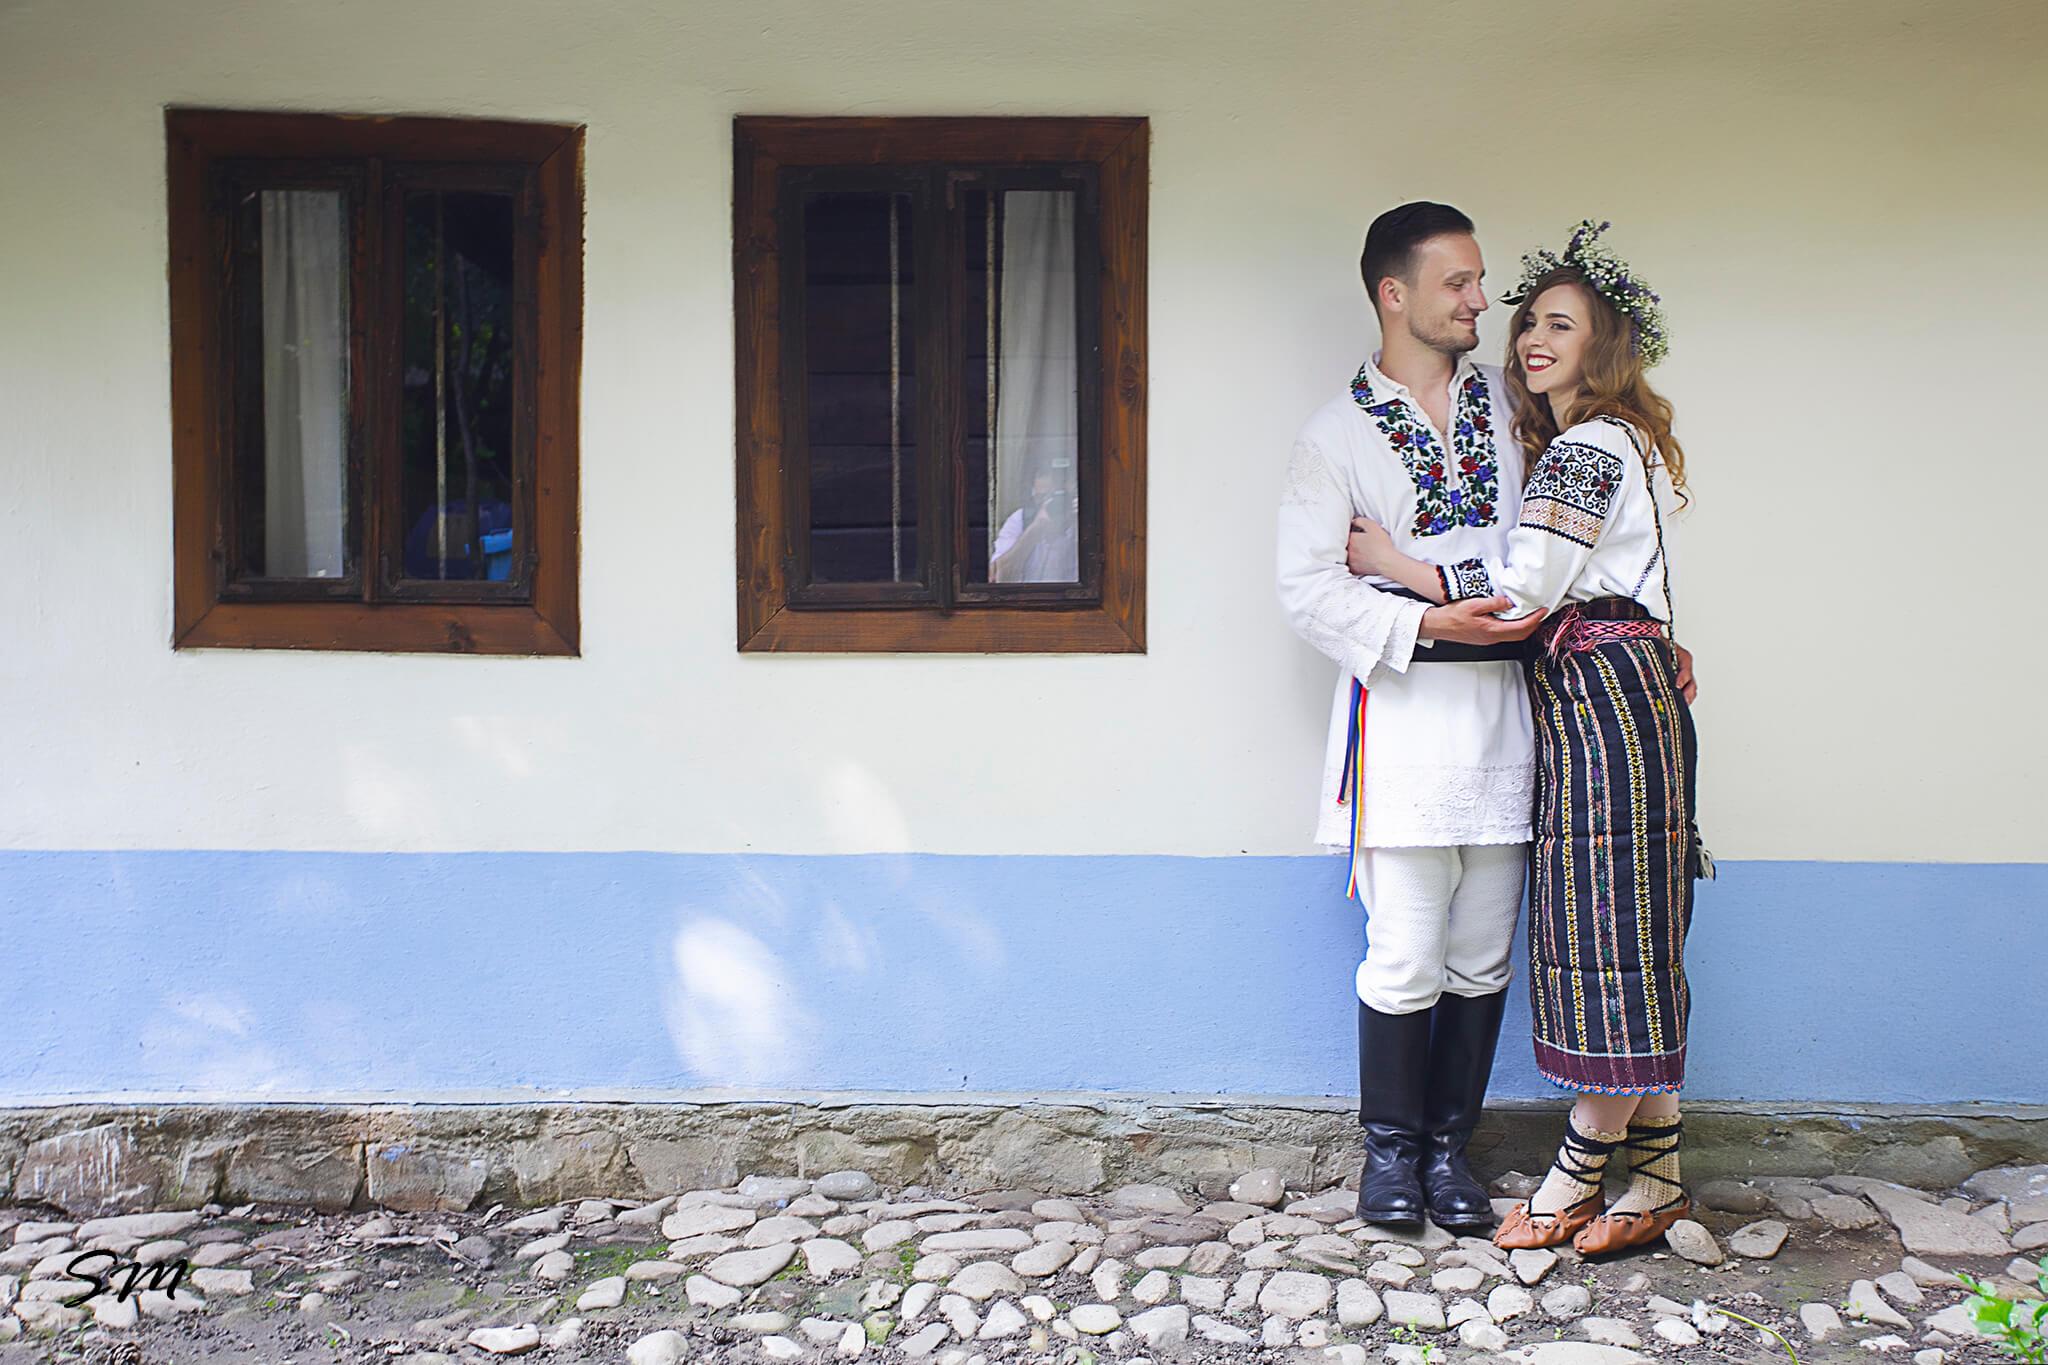 fotografii_nunta_suceava_muzeul_satului (18)